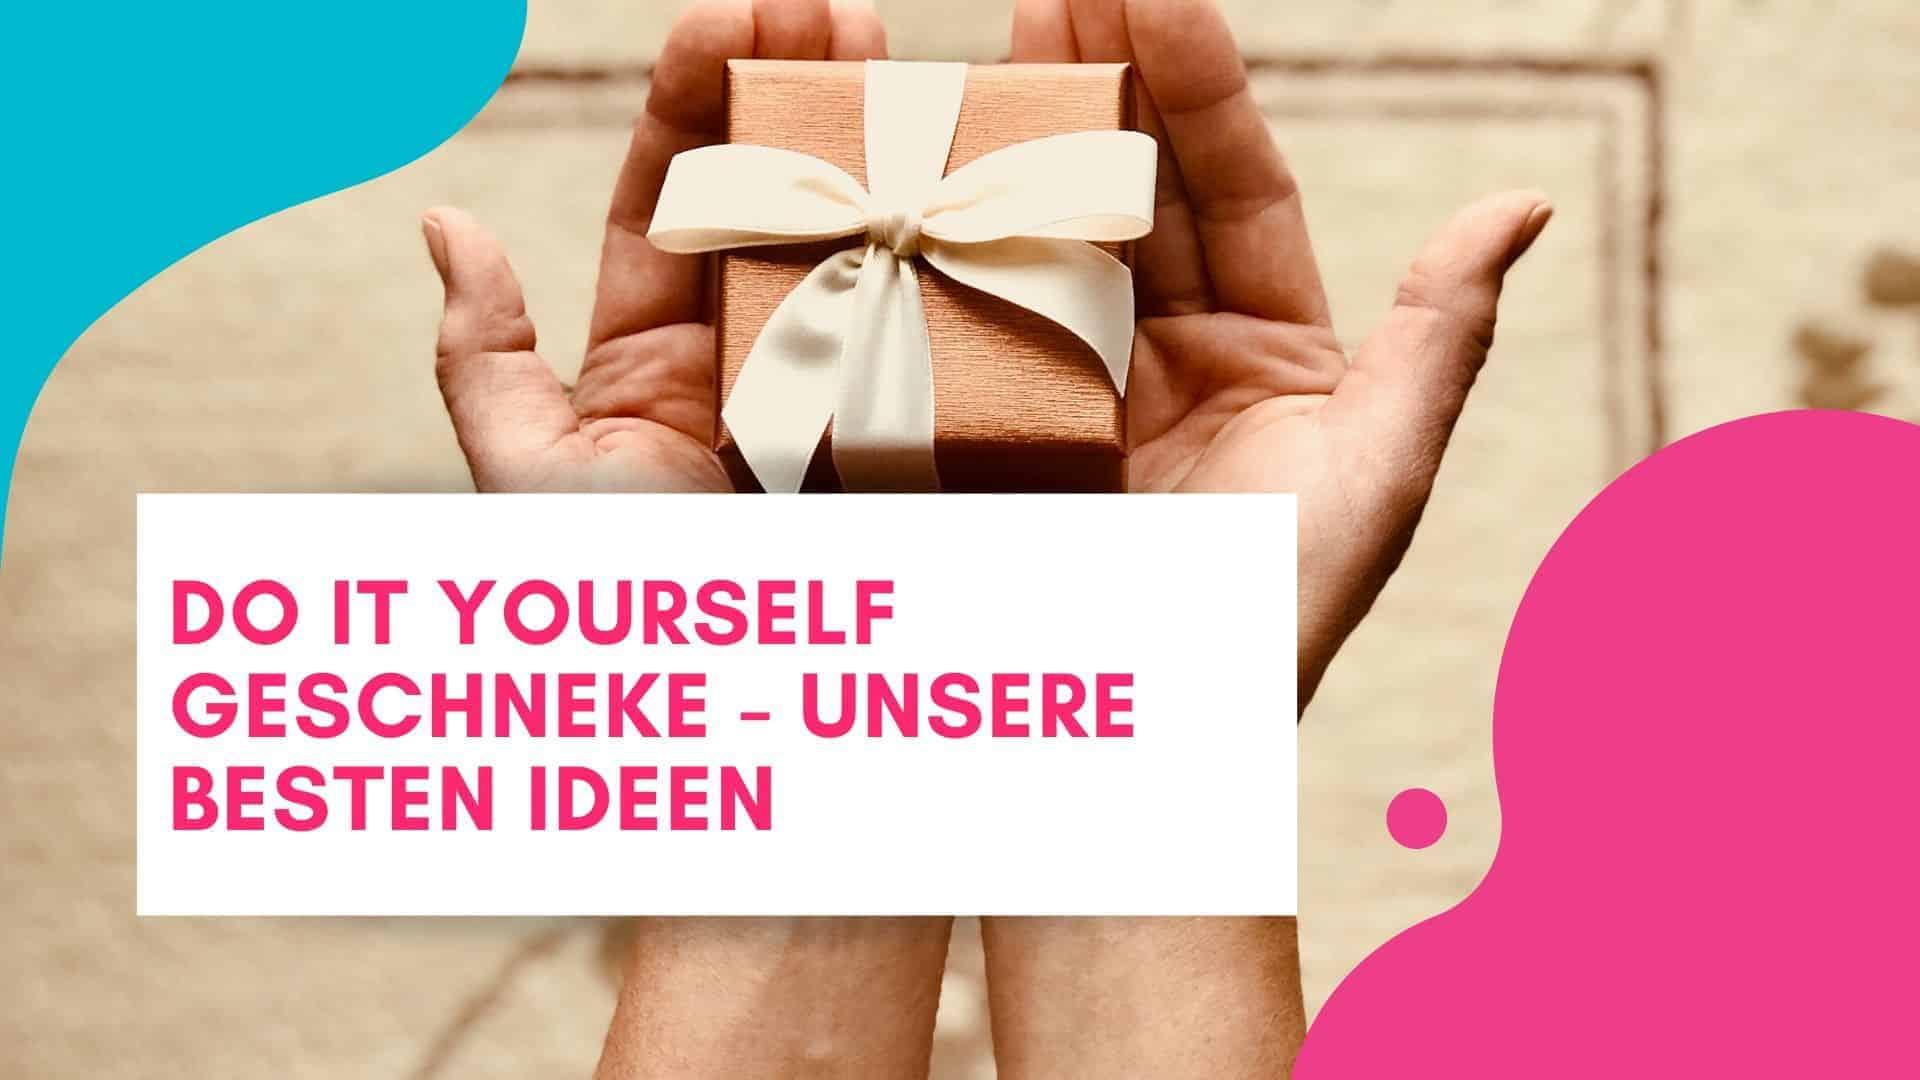 DIY Geschenke - Geschenke selbst machen